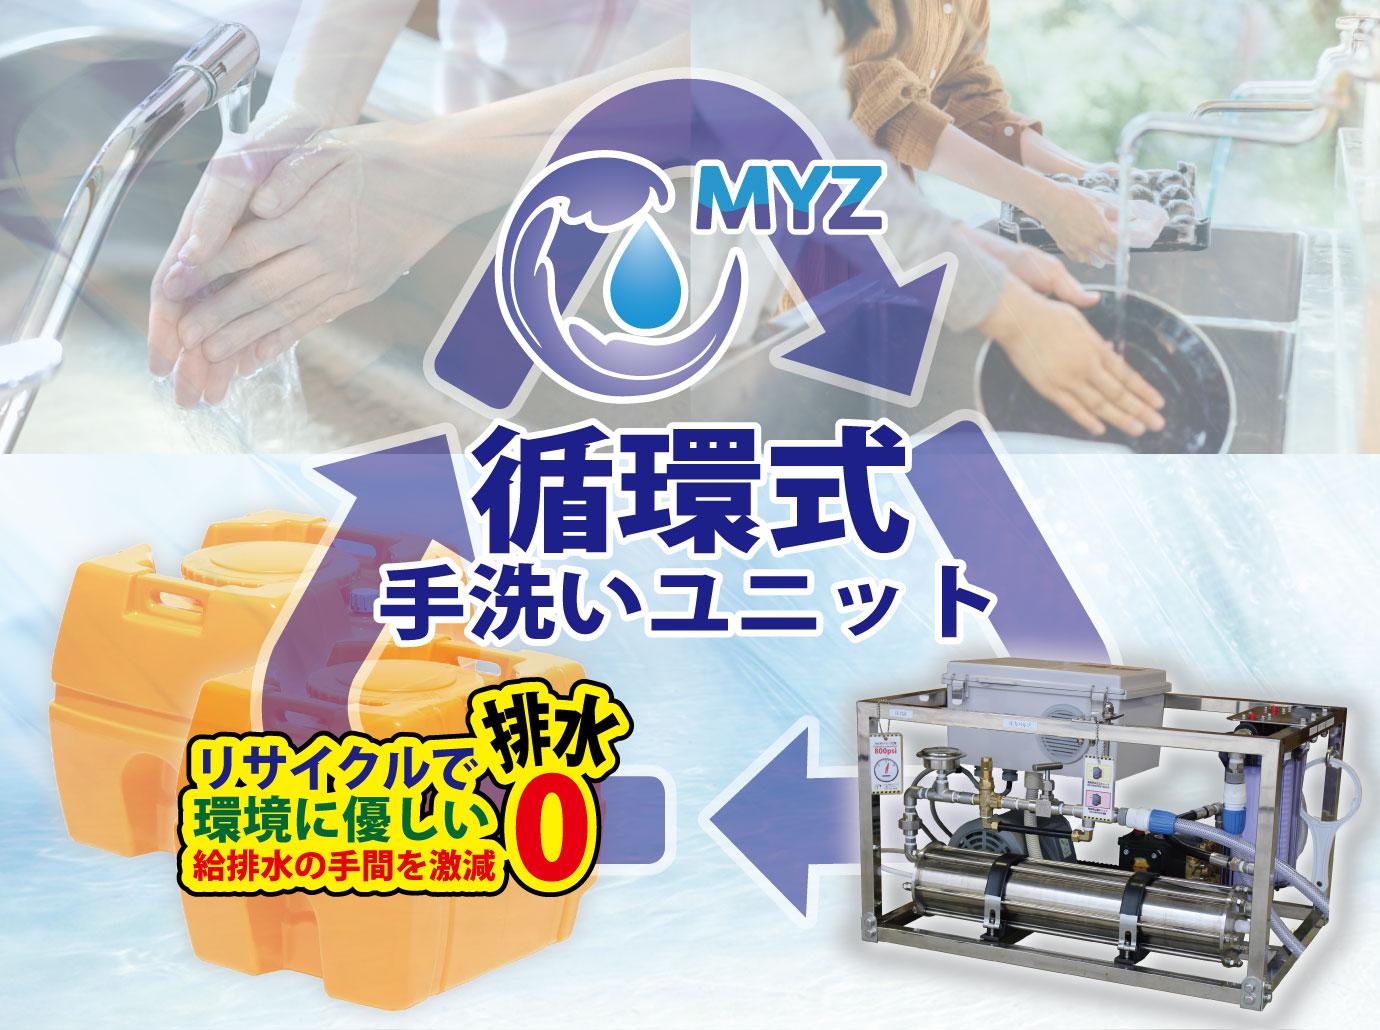 MYZ循環式手洗いユニット